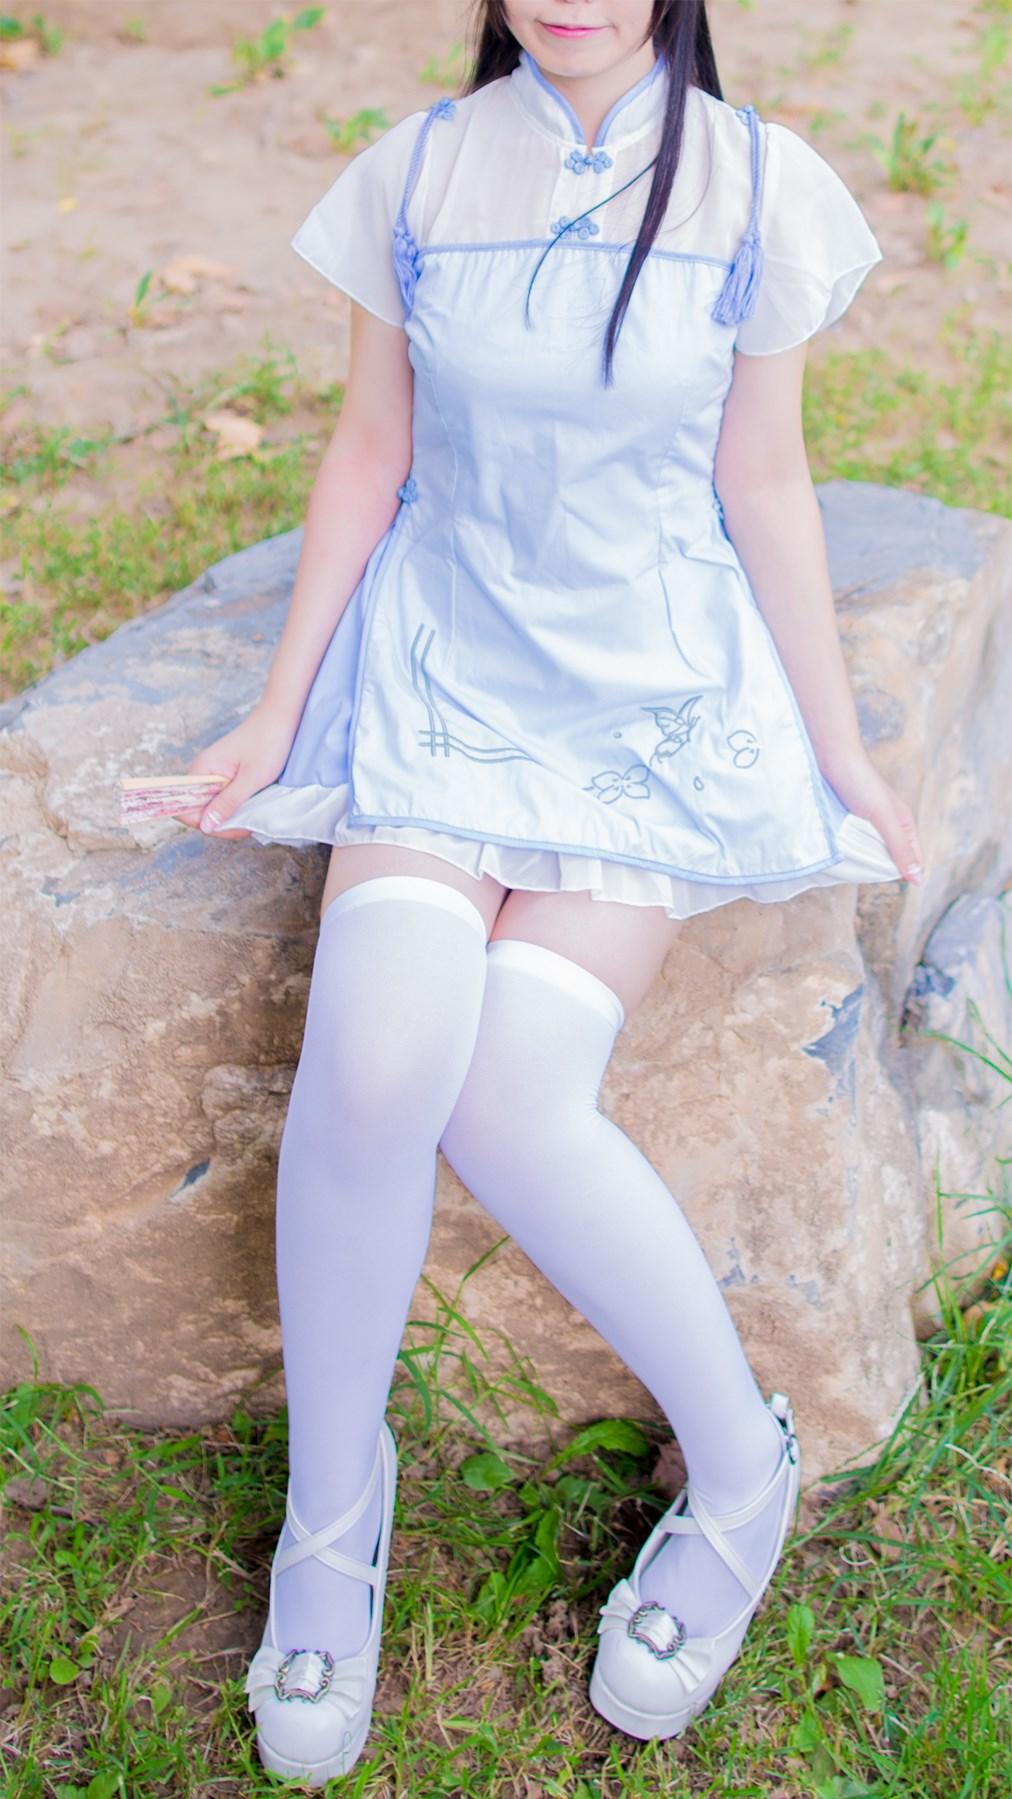 【兔玩映画】白丝旗袍 兔玩映画 第24张